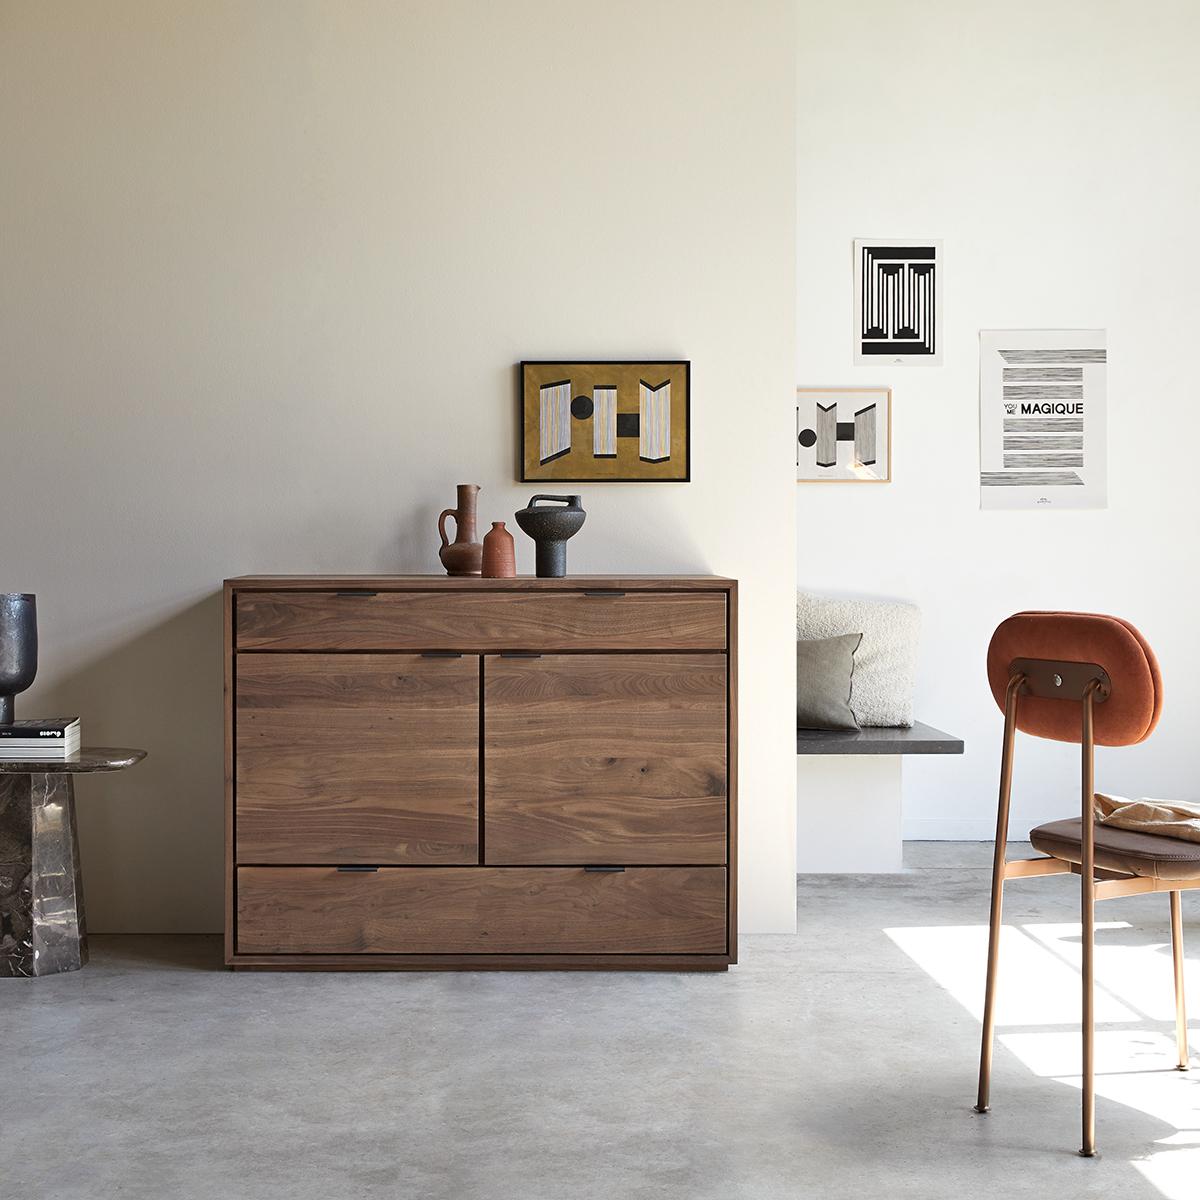 Senson solid walnut sideboard 120 cm